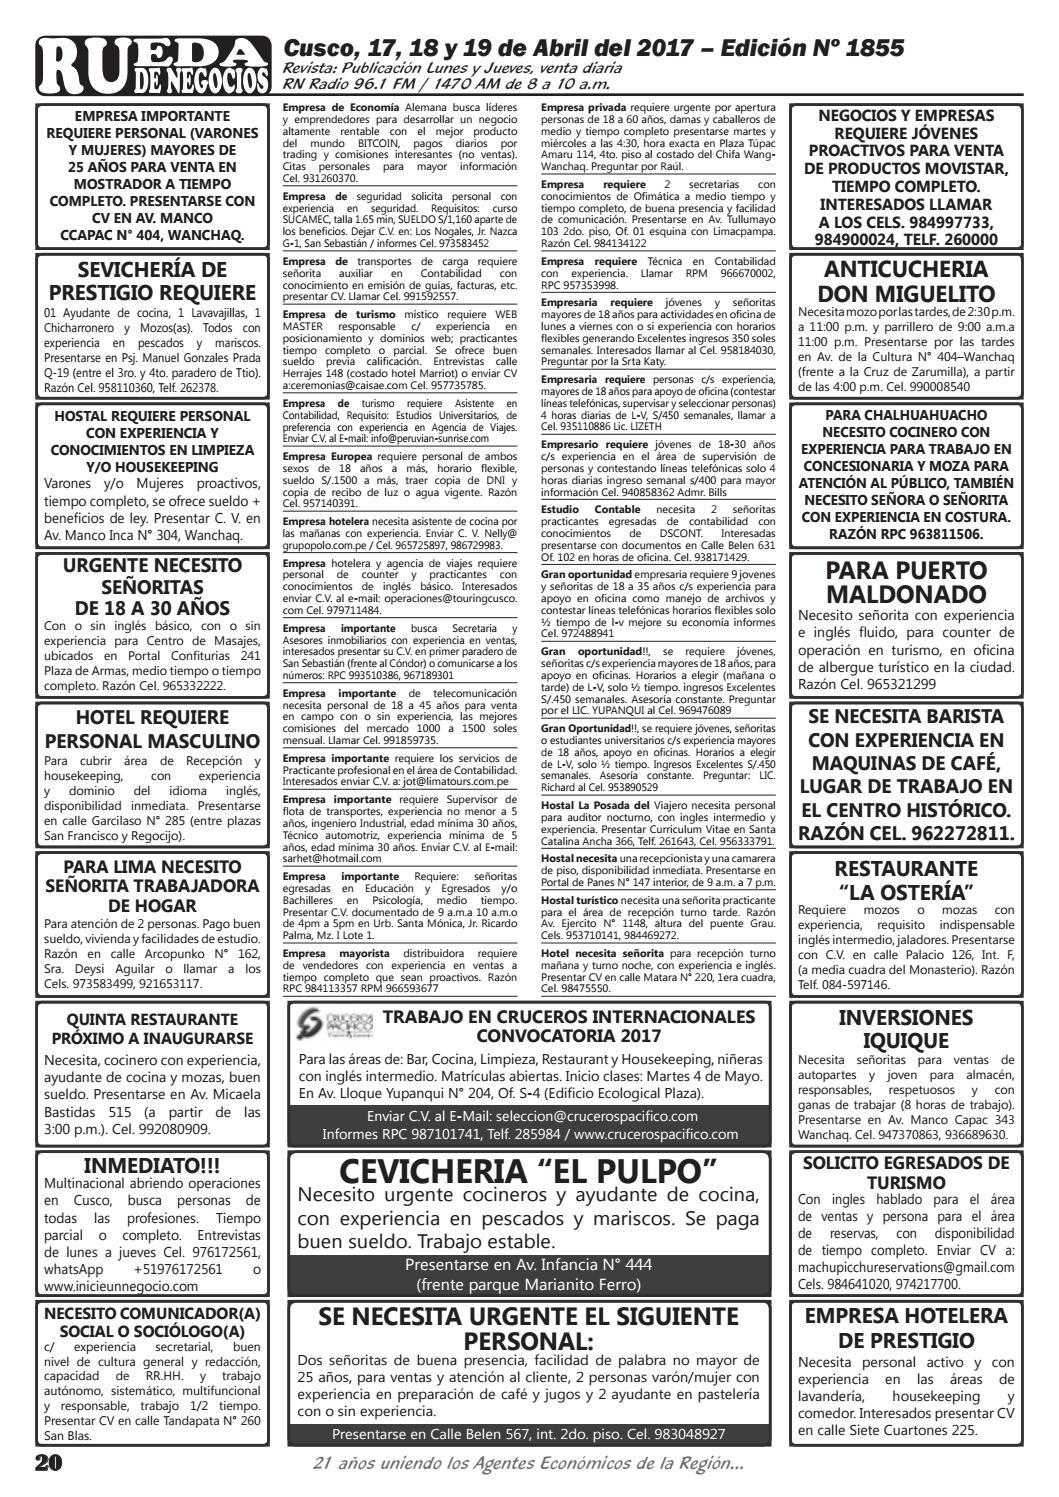 Edición 1855 by Rueda de Negocios - issuu